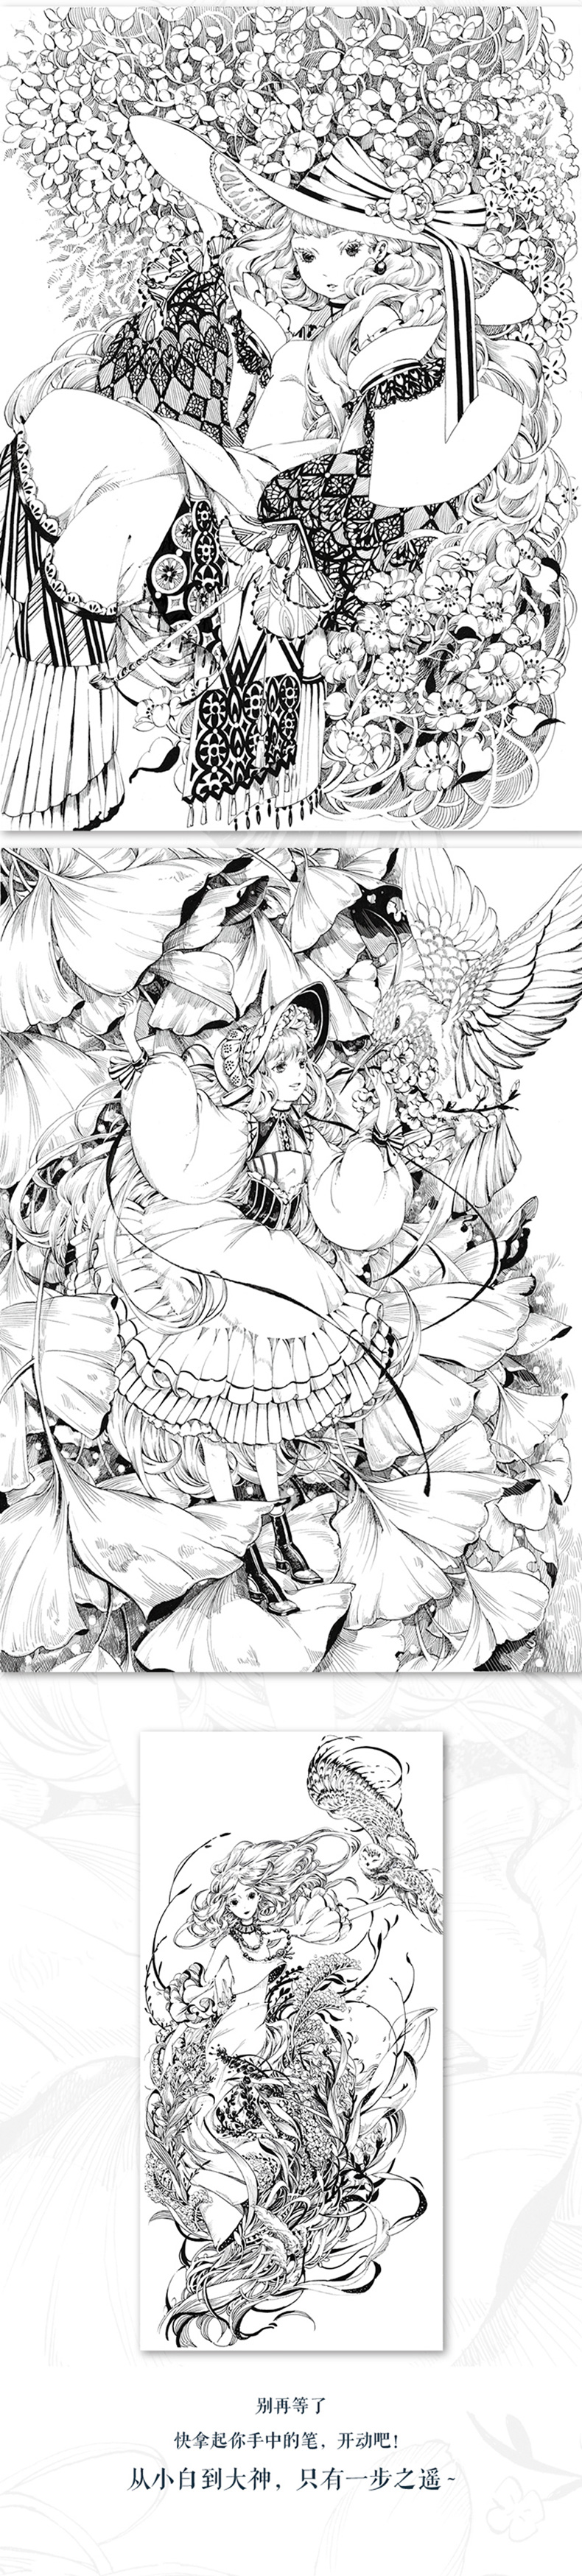 de arte pintados à mão-de cor chumbo tutorial livro